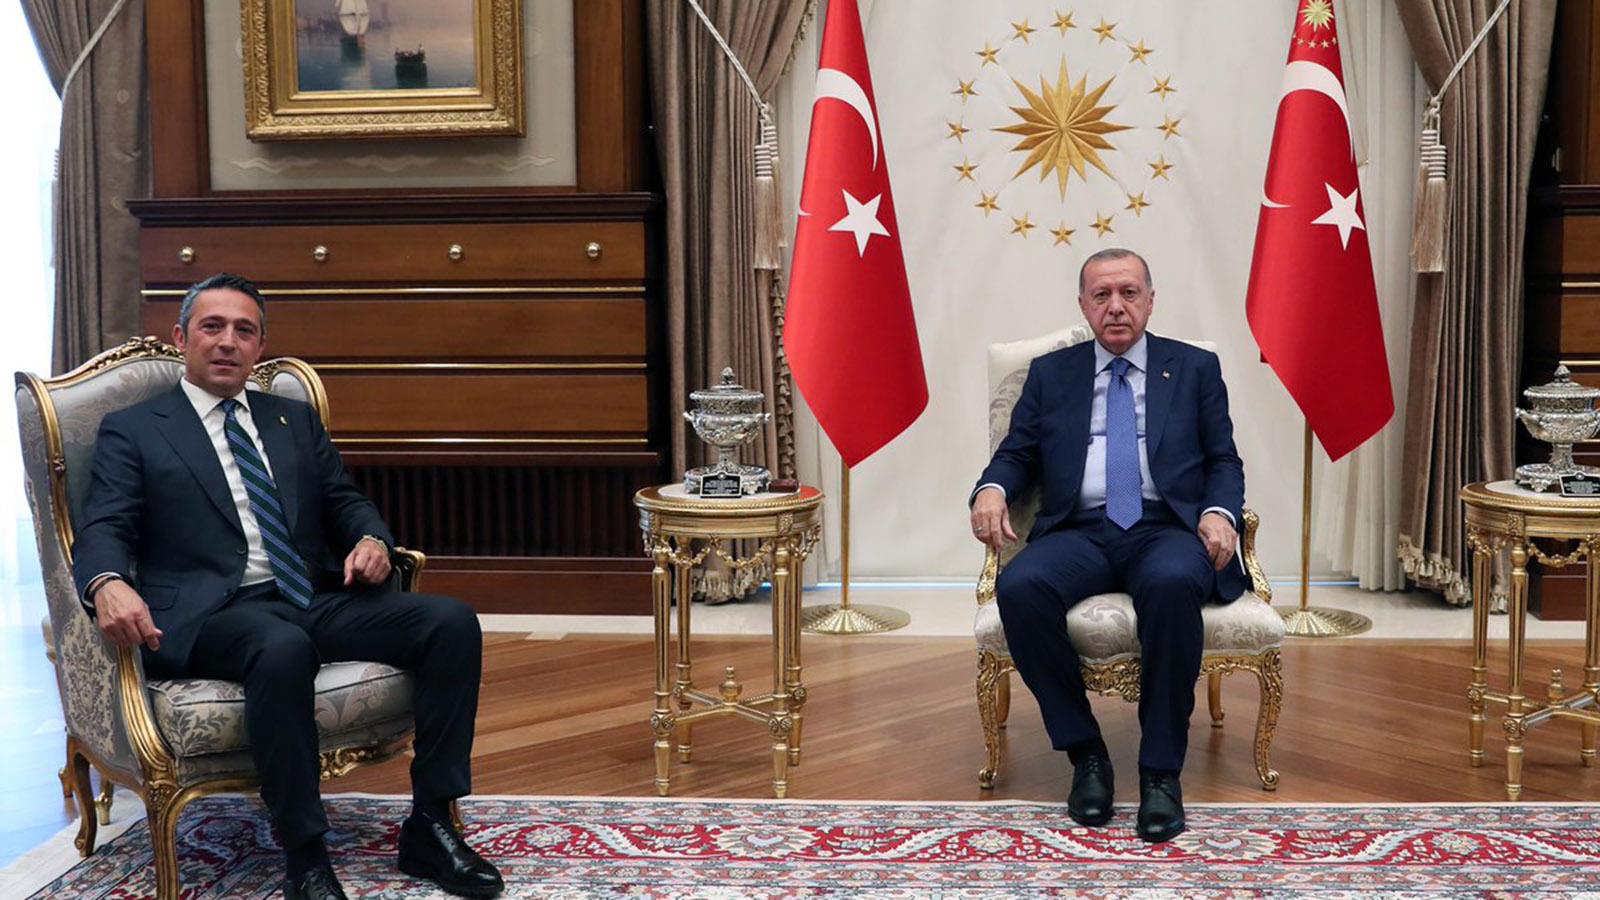 Başkanımız Ali Koç Cumhurbaşkanımız Sayın Recep Tayyip Erdoğan'ı ziyaret etti